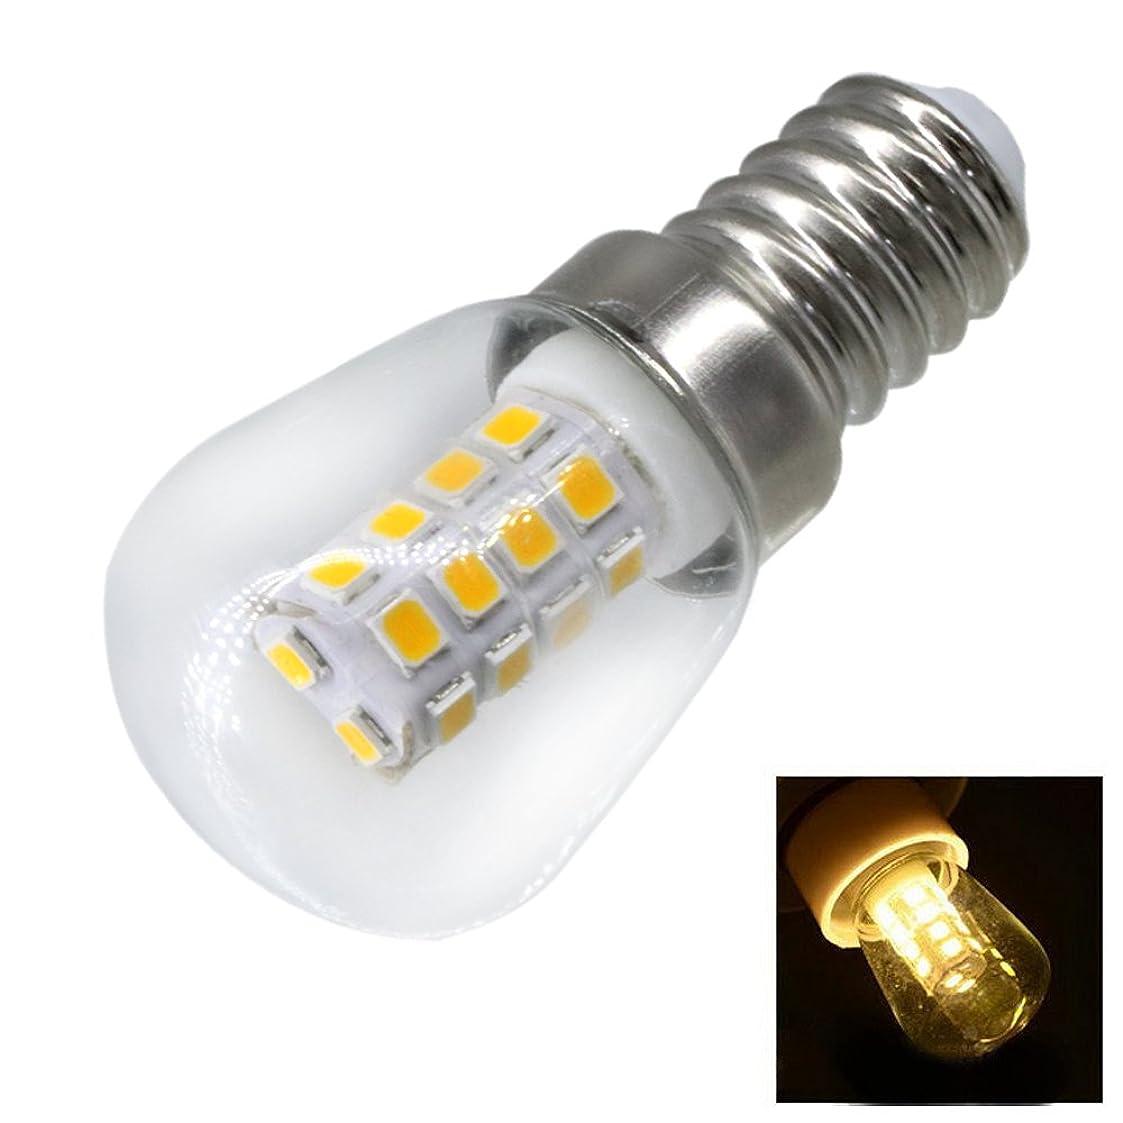 移植着実に驚くばかり2W E14 冷蔵庫LED電球 AC220V 明るい屋内ランプ 冷蔵庫 冷凍庫クリスタルシャンデリア照明用, (サイズ : 冷たい白)